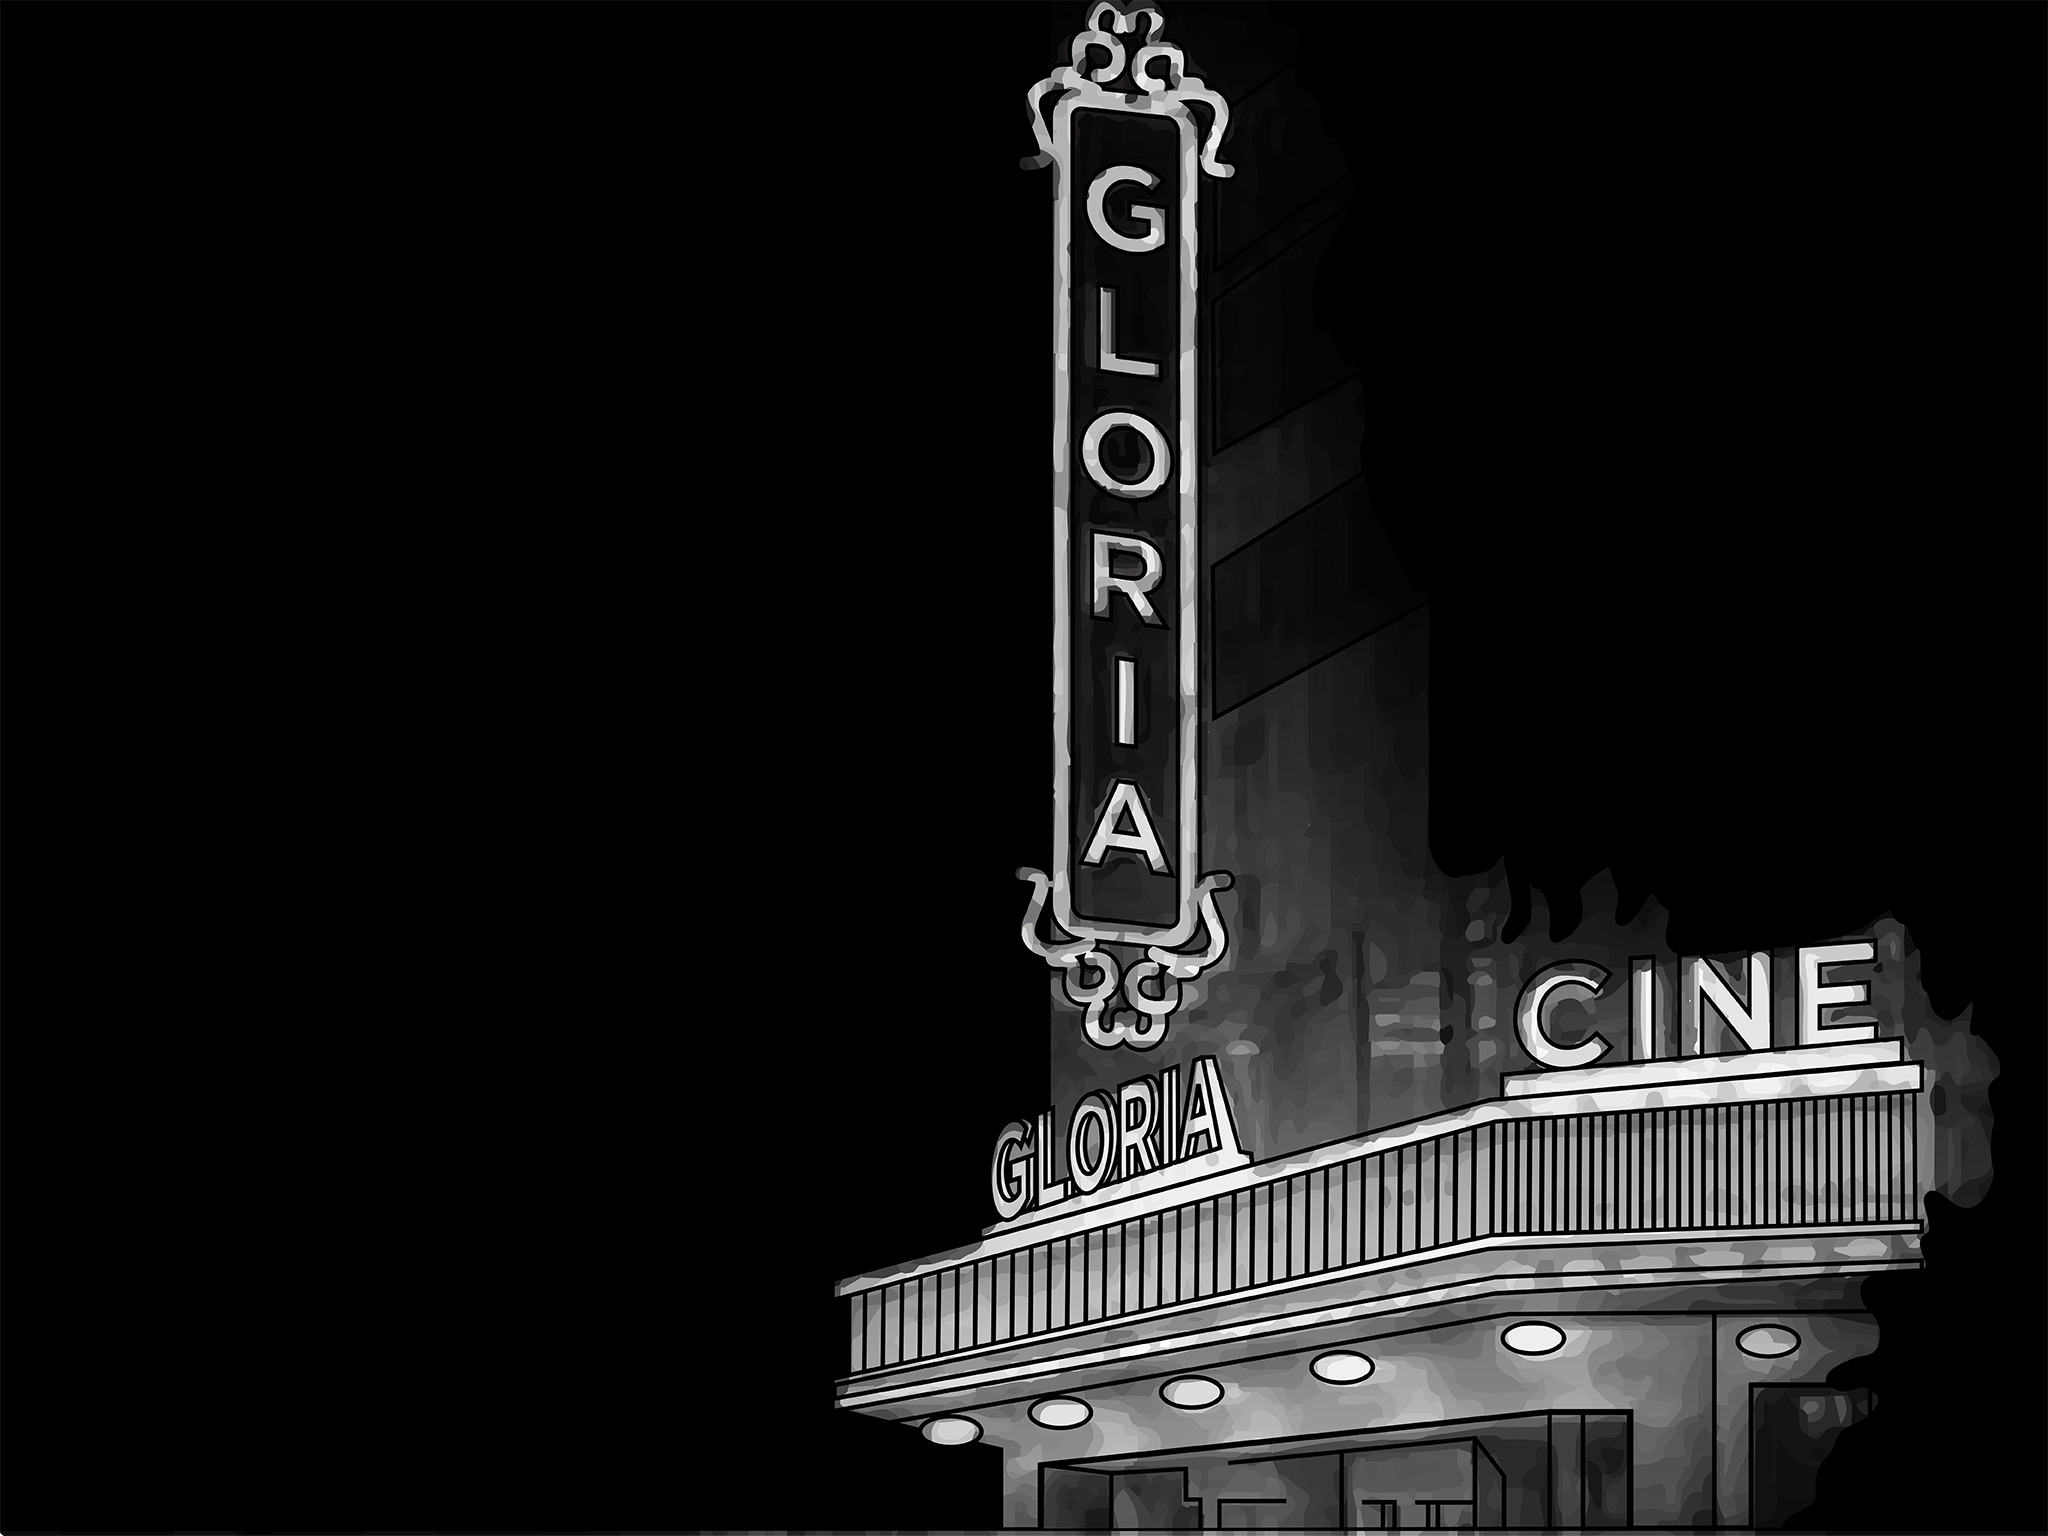 Cine Gloria, uno de los cines favoritos de Alfonso Cuarón